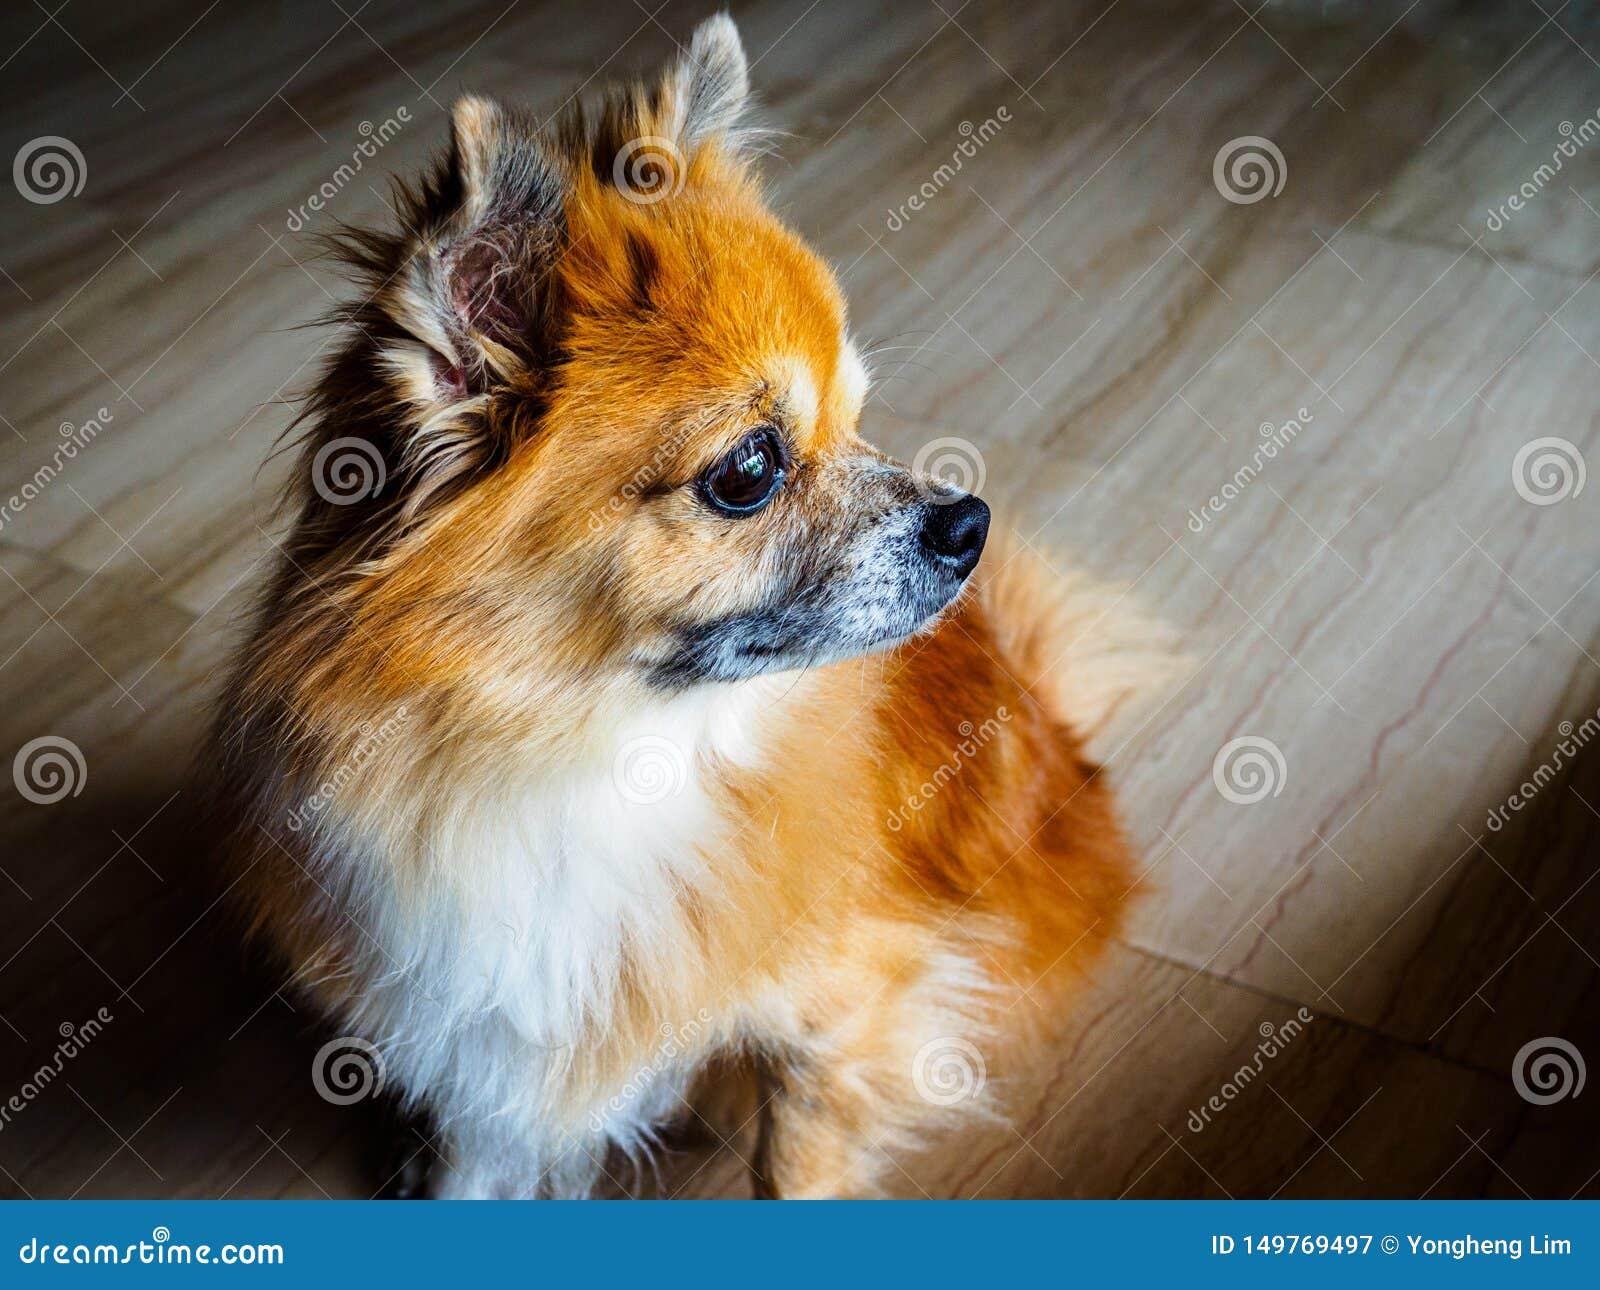 Небольшая старшая смешанная собака спасения породы запаса pomperanian и чихуахуа сидит и вытаращится в расстояние с задумчивым вы